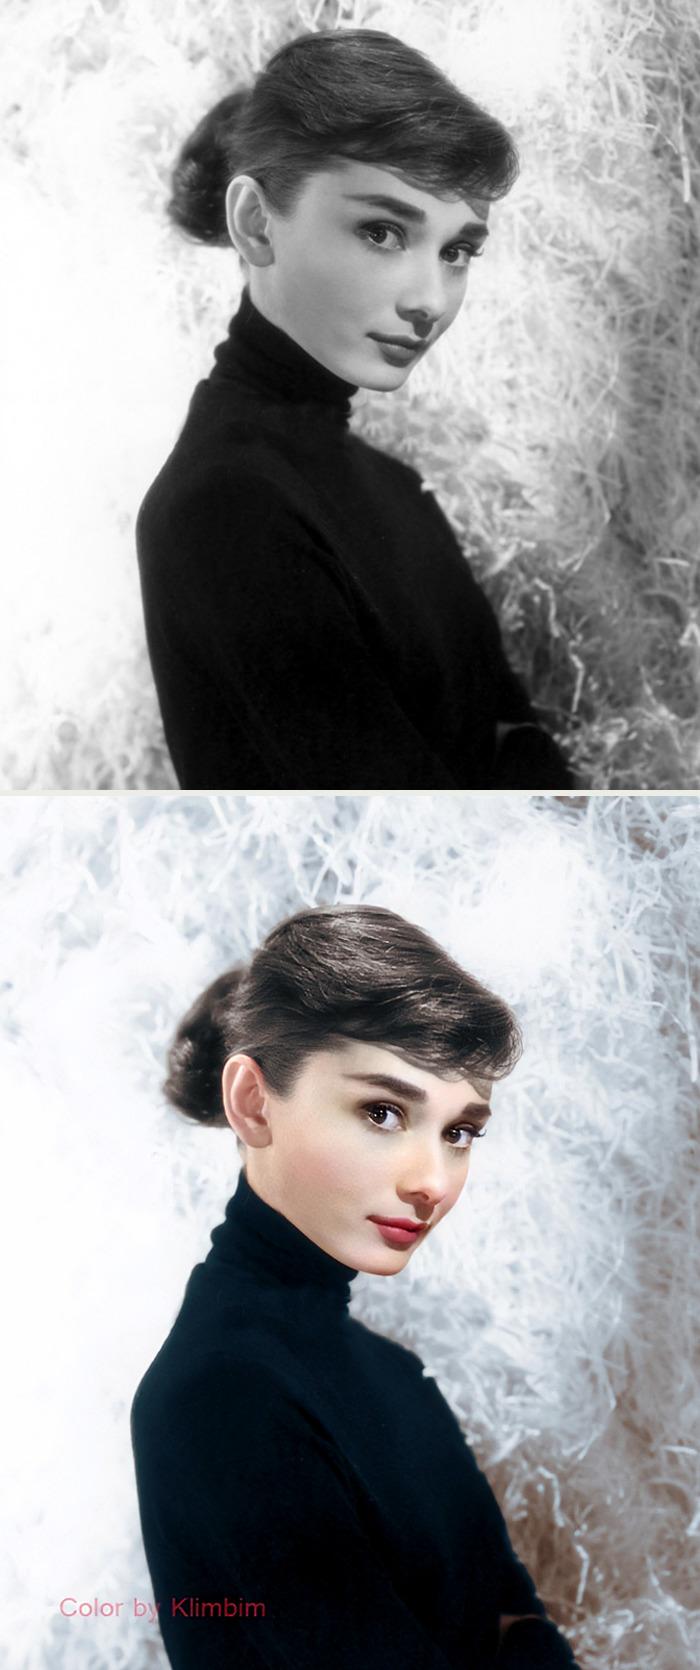 5e69f0be2514e This Russian artist impresses by giving vivid colors to photos of celebrities from the past 5e679b02883c3 png  700 - Projetos gráficos: A arte em colorir vídeos e fotos em preto e branco